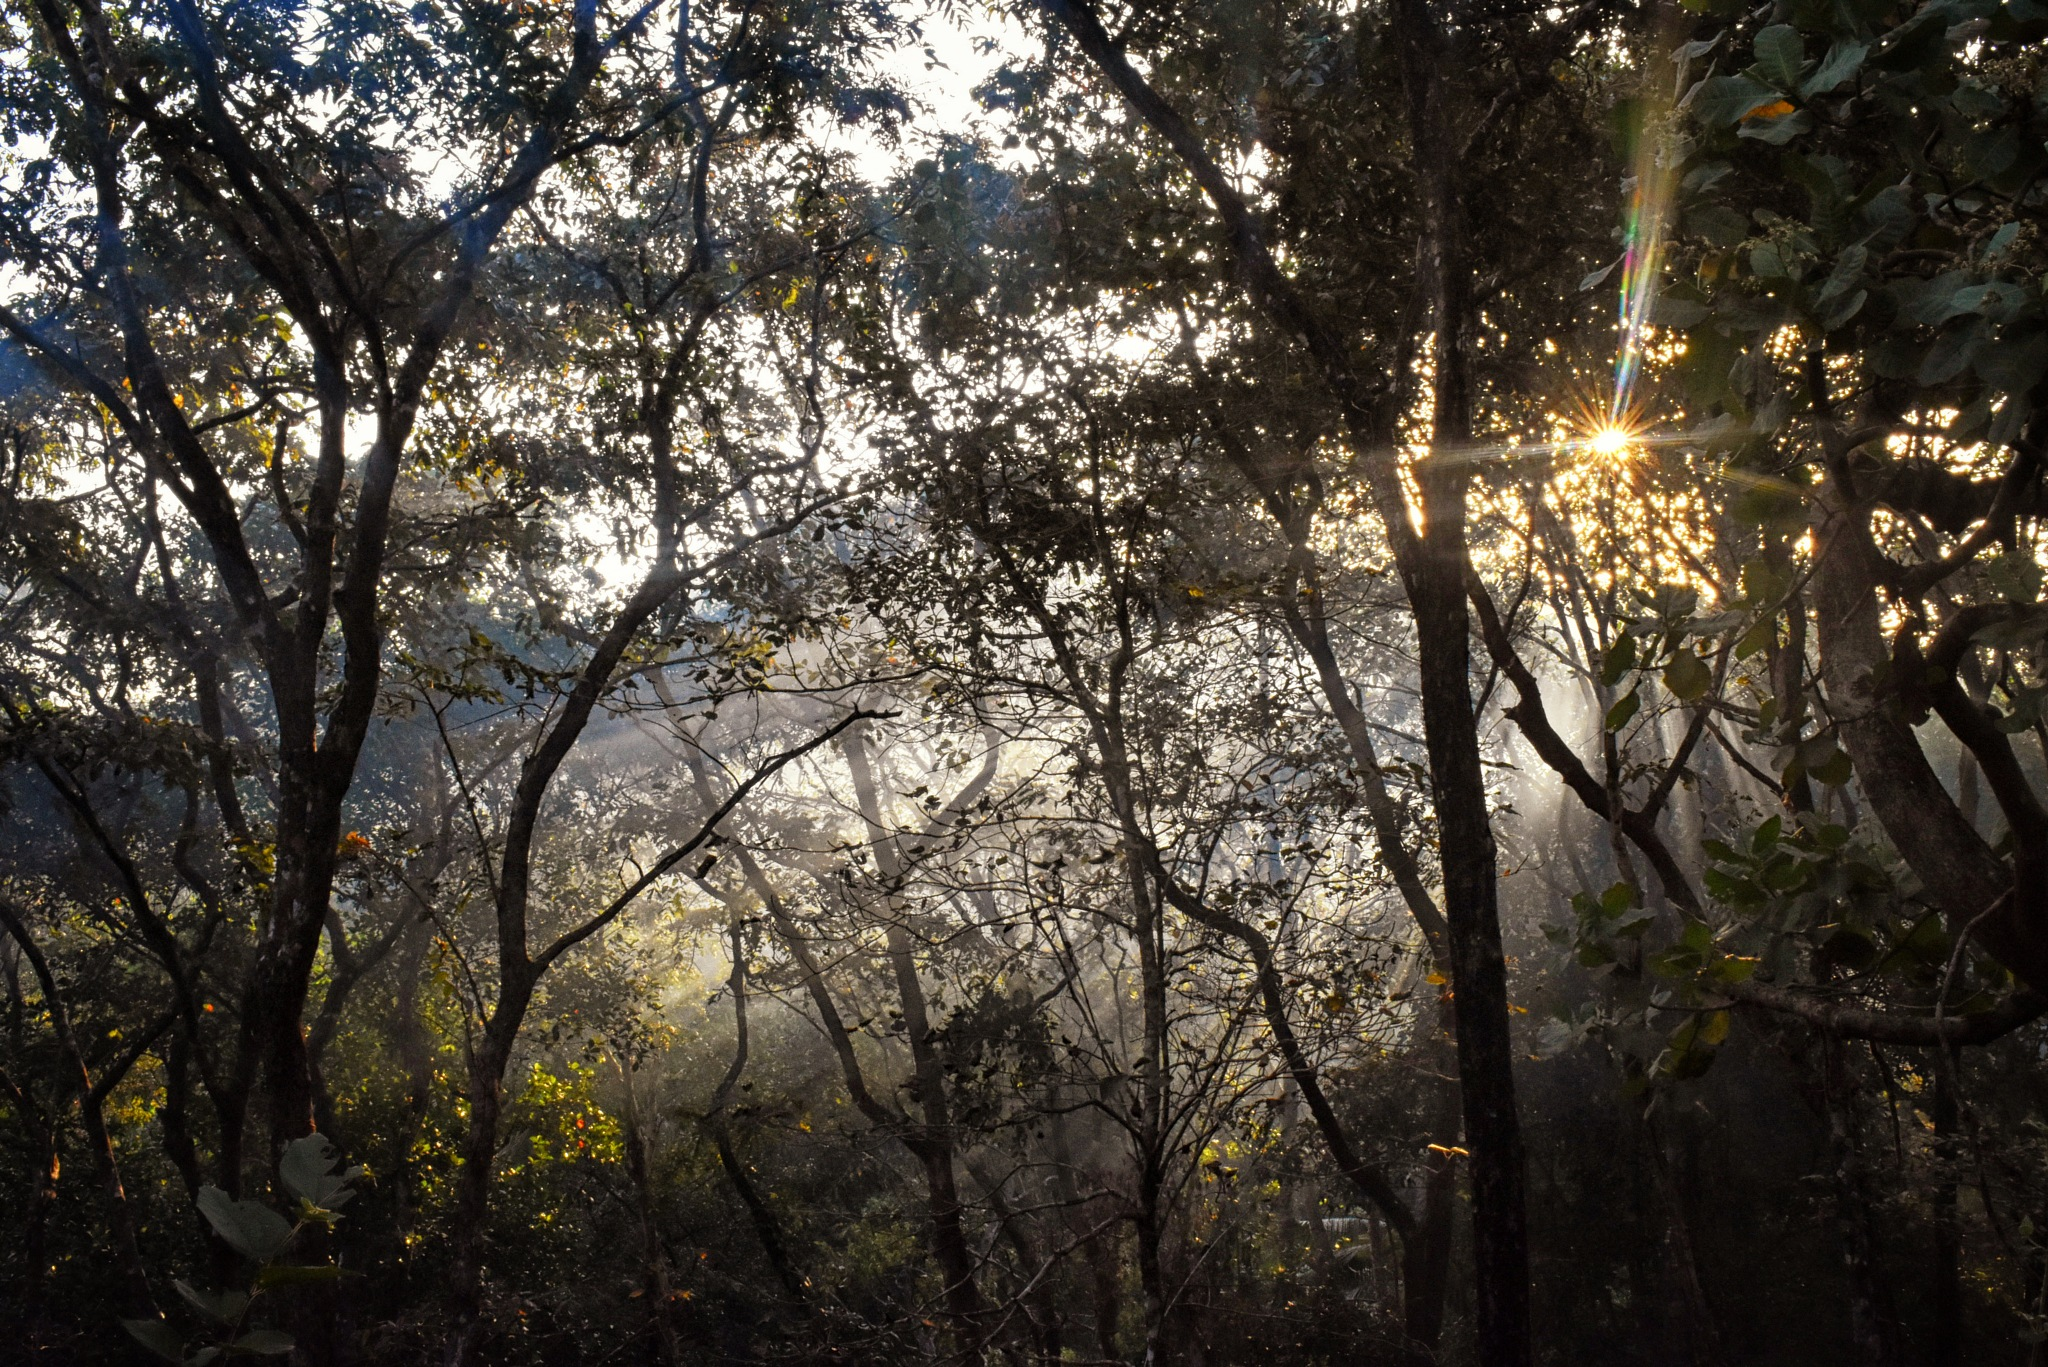 Misty Morning by Vedant Kumbhar